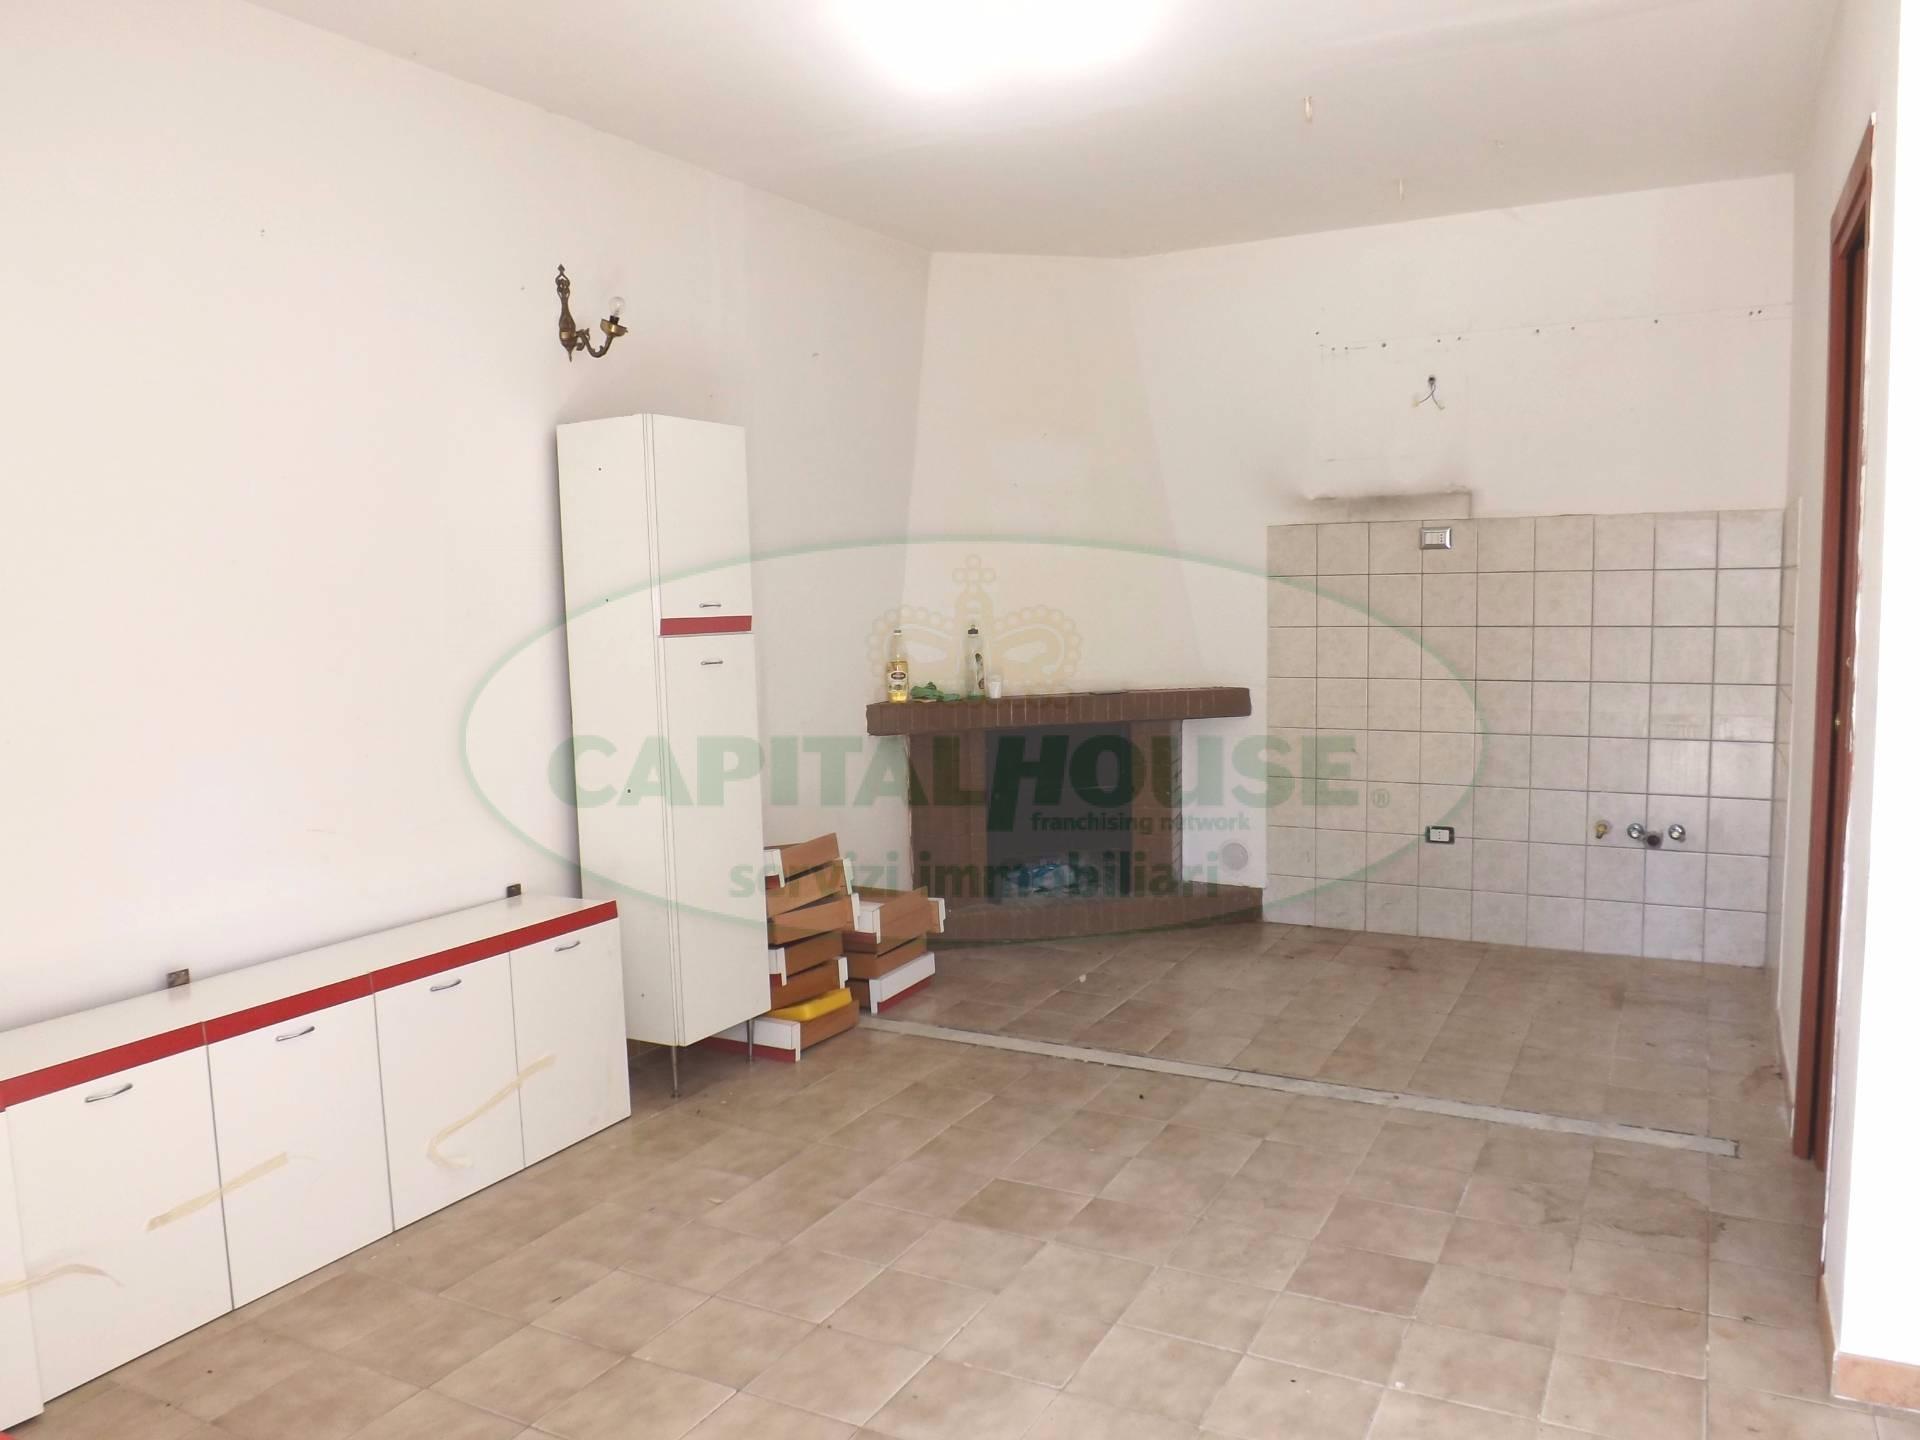 Soluzione Indipendente in vendita a Santo Stefano del Sole, 3 locali, prezzo € 37.000 | CambioCasa.it